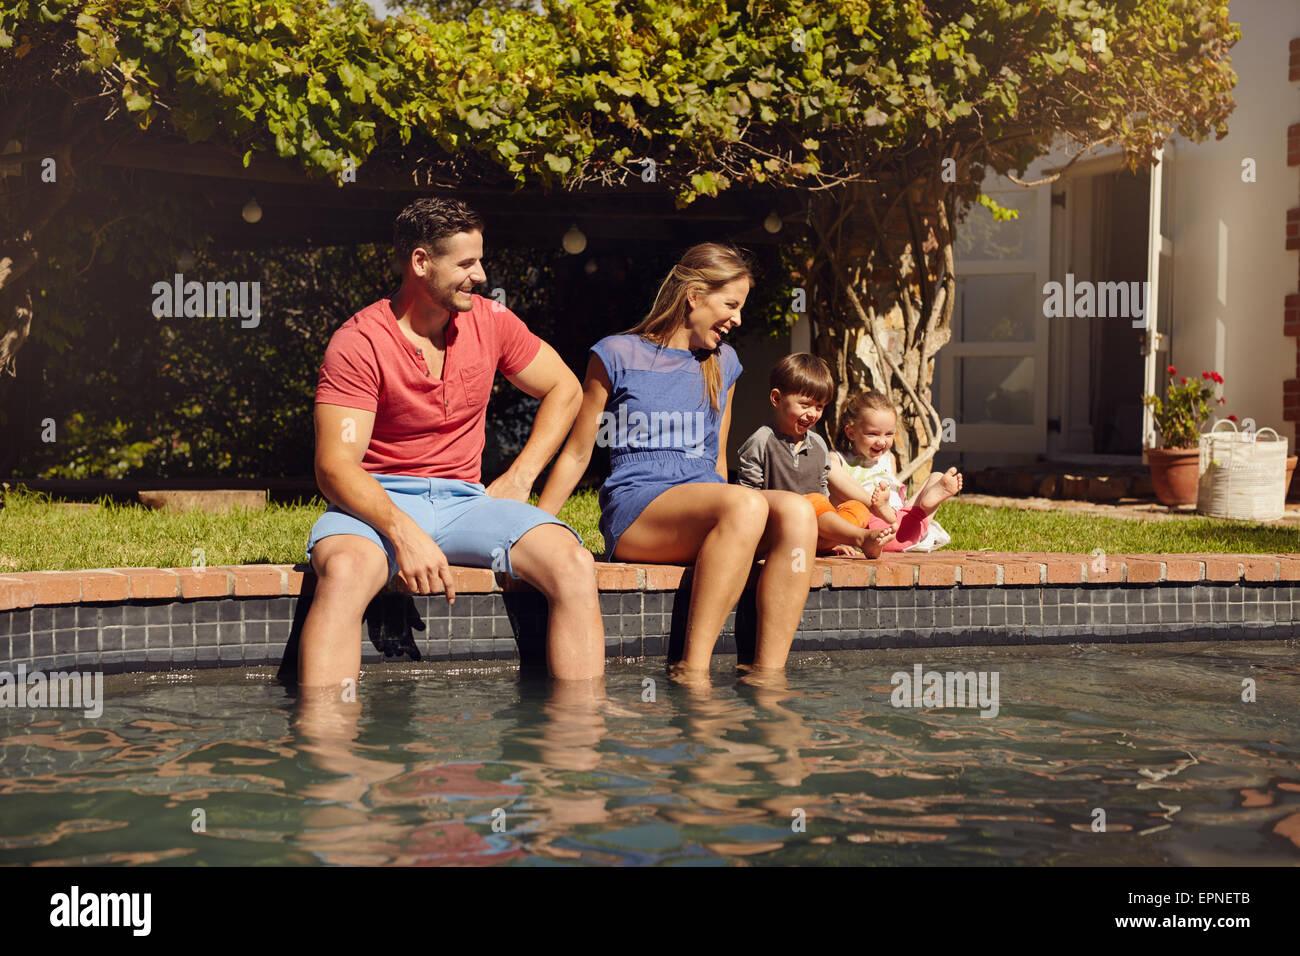 Felice coppia giovane seduto sul bordo della piscina con i loro bambini godendo di una calda giornata estiva vicino Immagini Stock